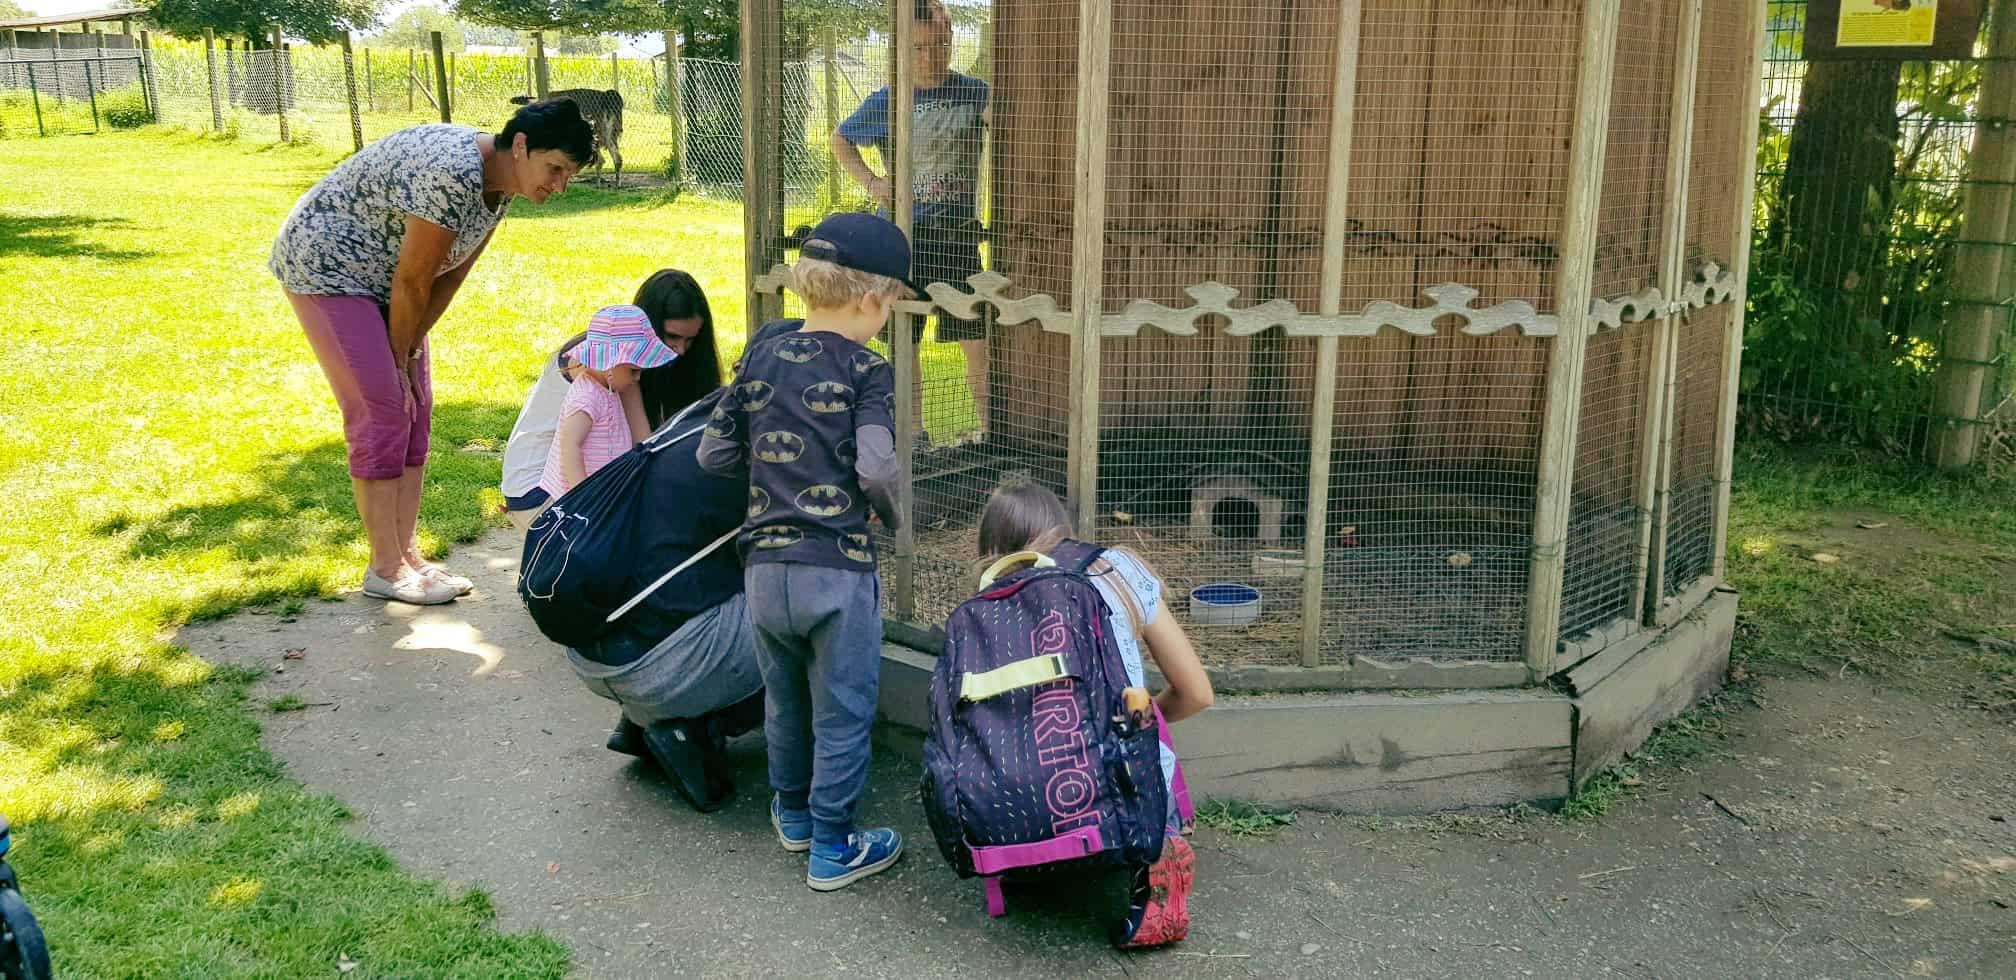 Familie im Streichelzoo im Tierpark Rosegg im Rosental, Kärnten